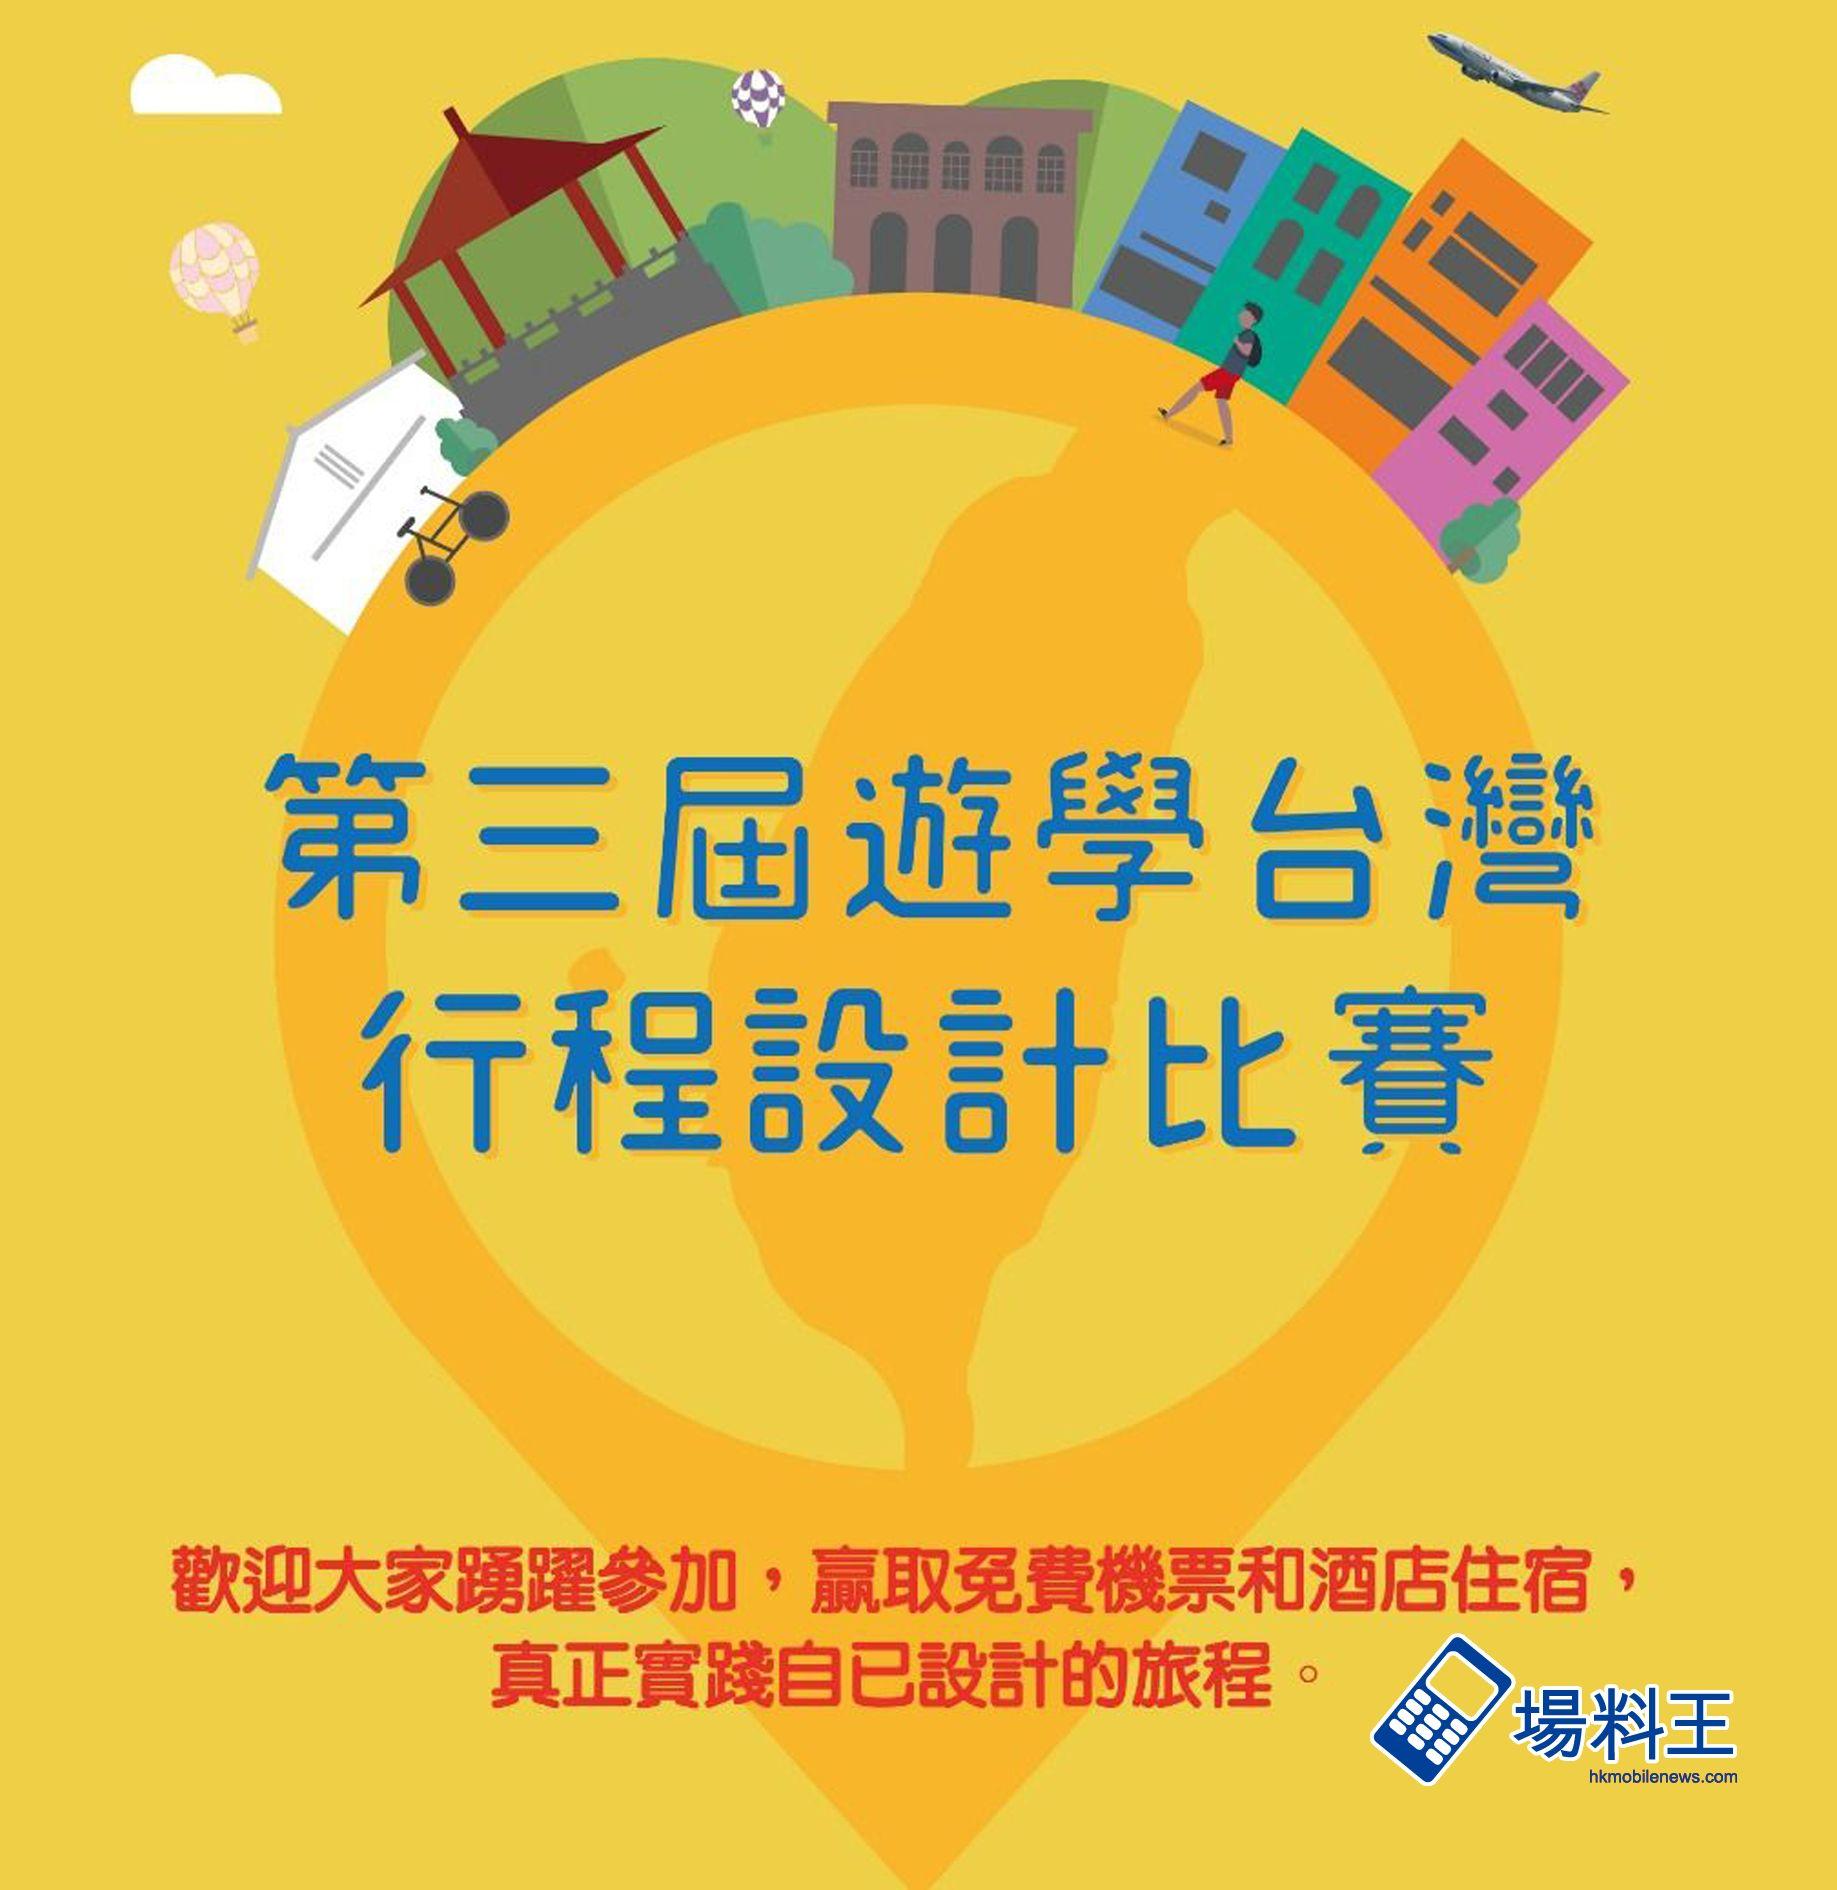 「臺灣遊」第三屆遊學臺灣行程設計比賽:贏取免費來回機票及住宿 - 場料王